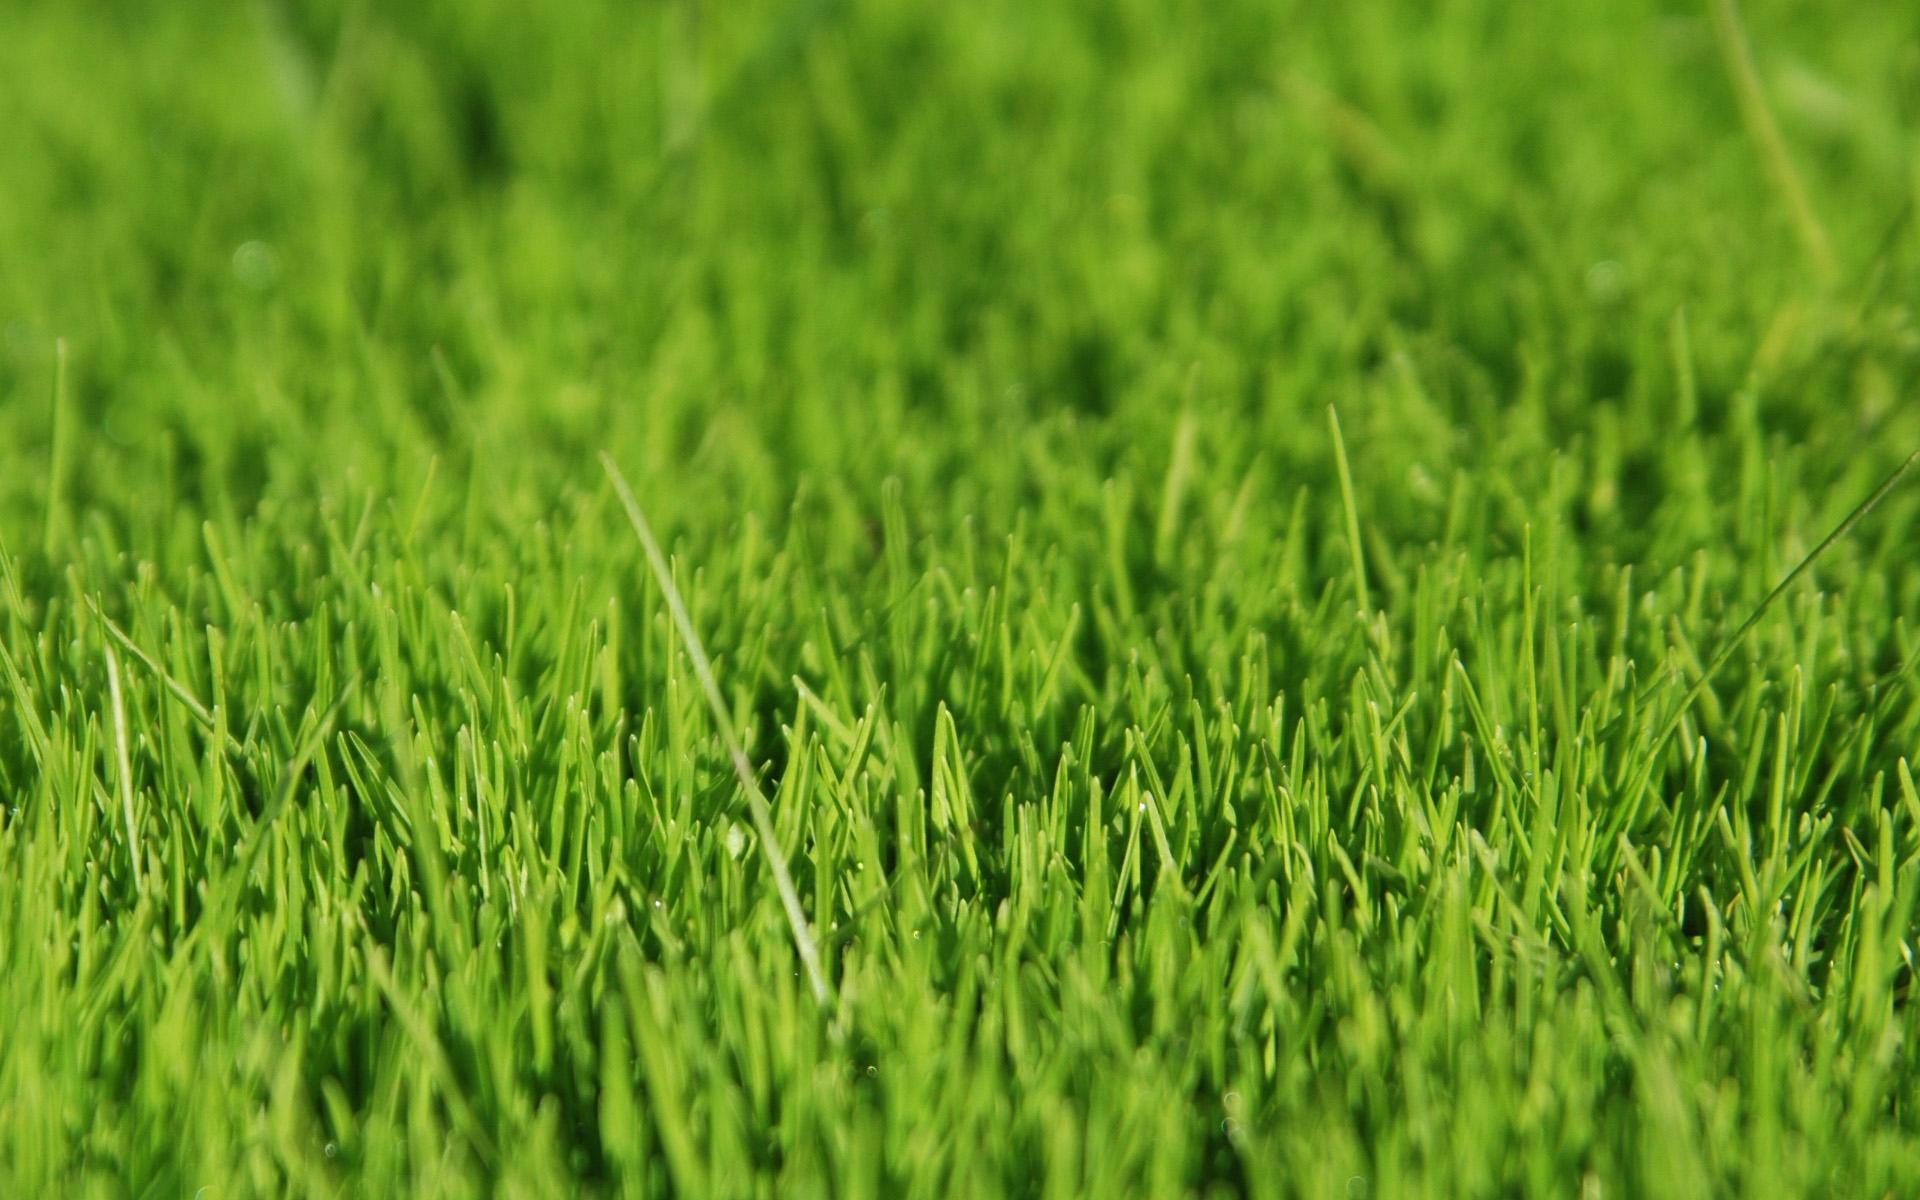 grass wallpaper background